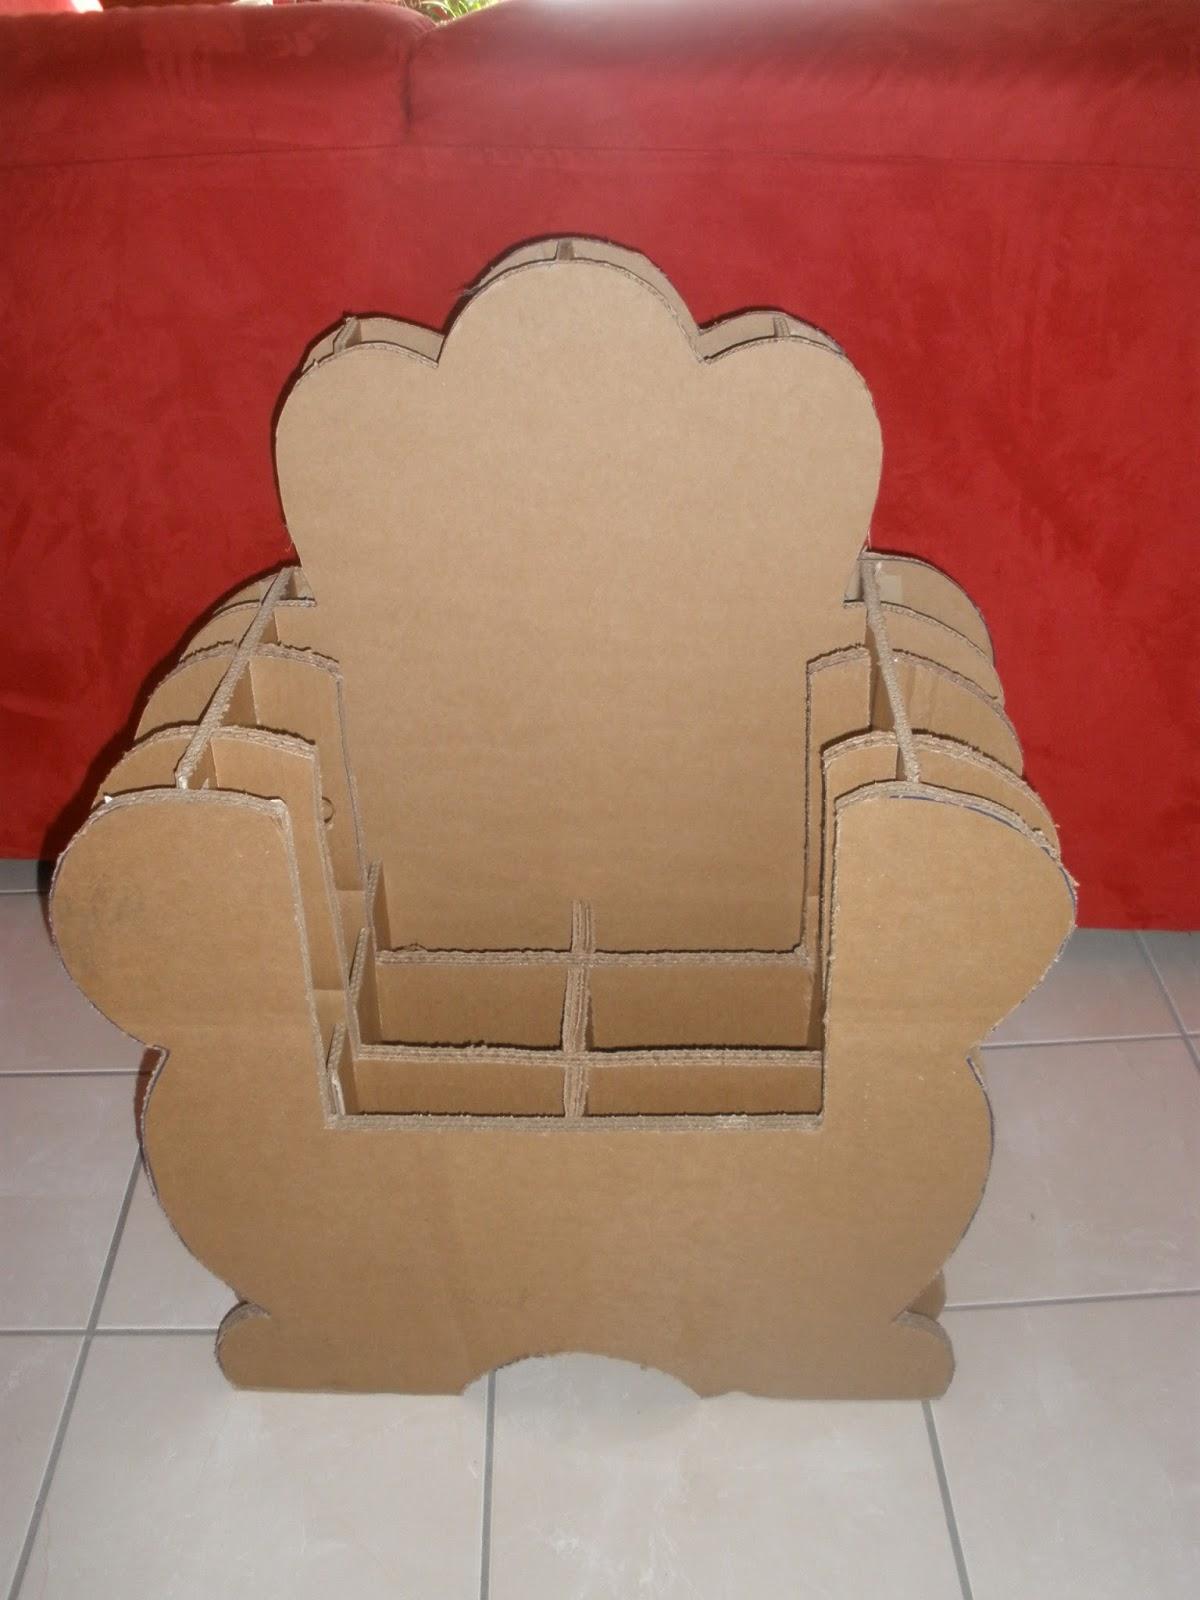 ces temps carton les fauteuils. Black Bedroom Furniture Sets. Home Design Ideas